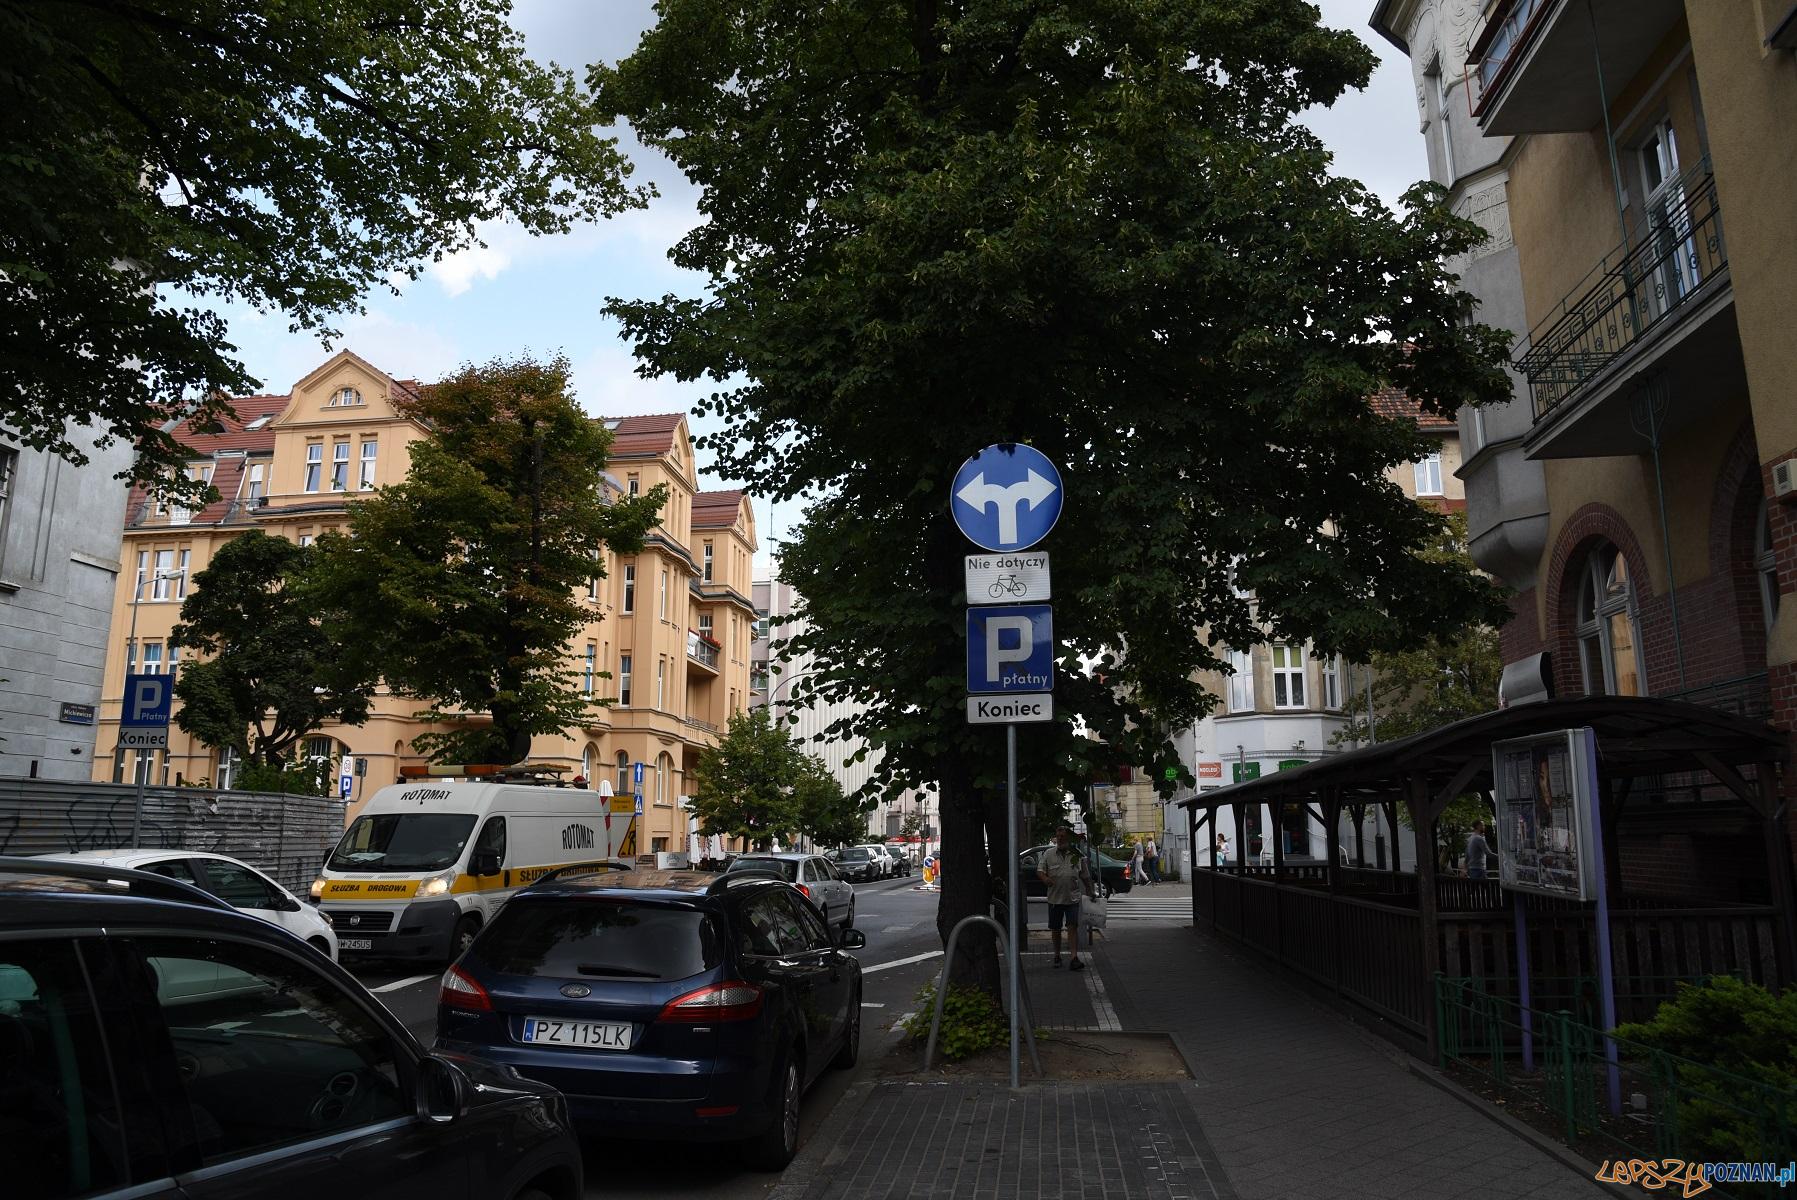 na-ulicy-mickiewicza-obowiazuje-nowa-organizacja-ruchu,pic1,1016,136358,238357,show2  Foto: materiału prasowe / UMP